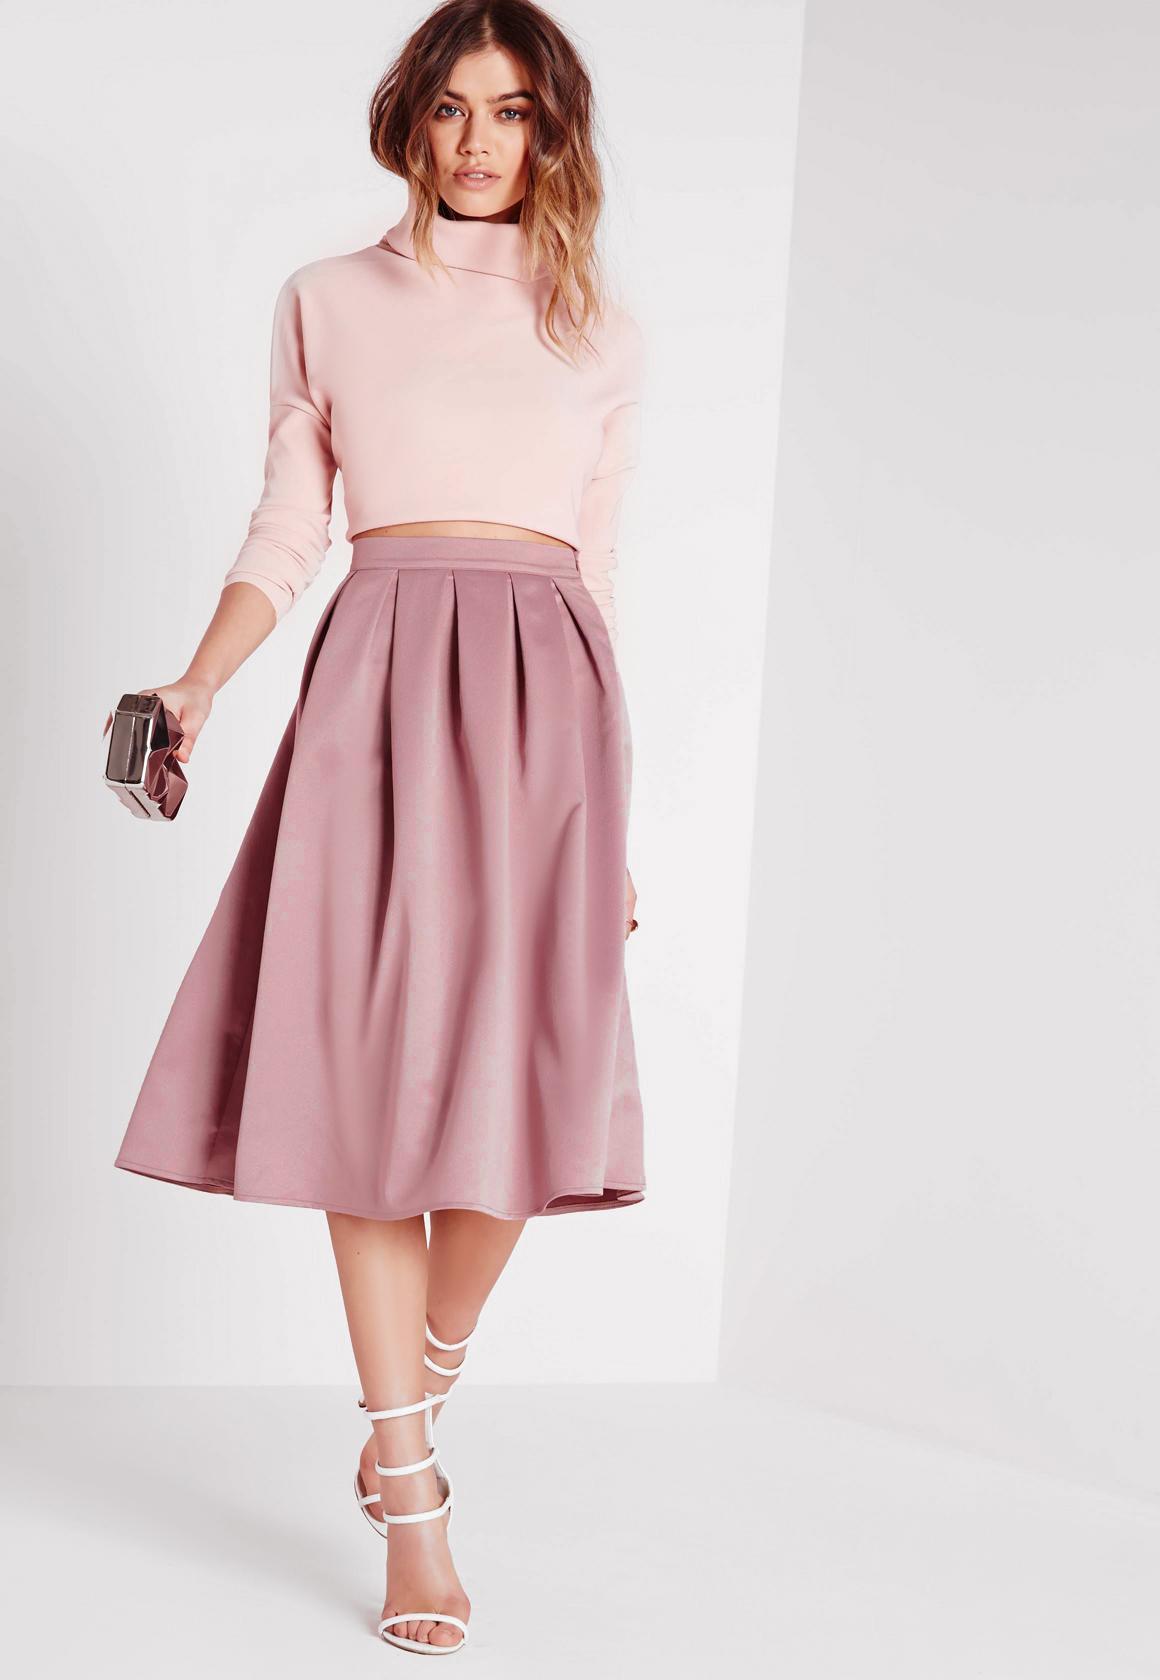 Faldas plisadas | faldas midi plisadas - Missguided